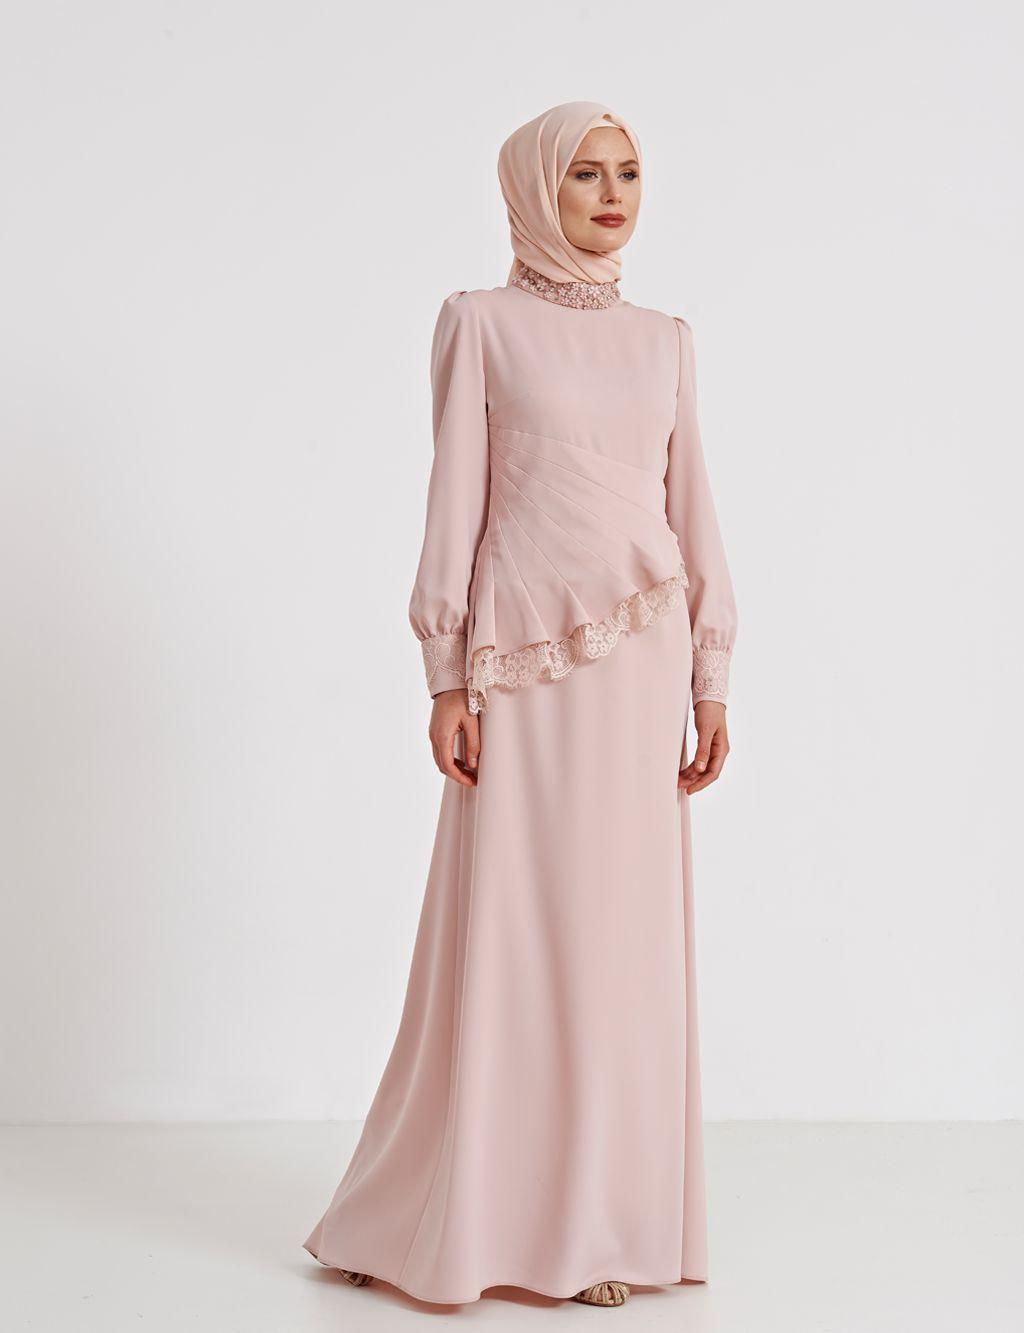 Lange kleider muslim